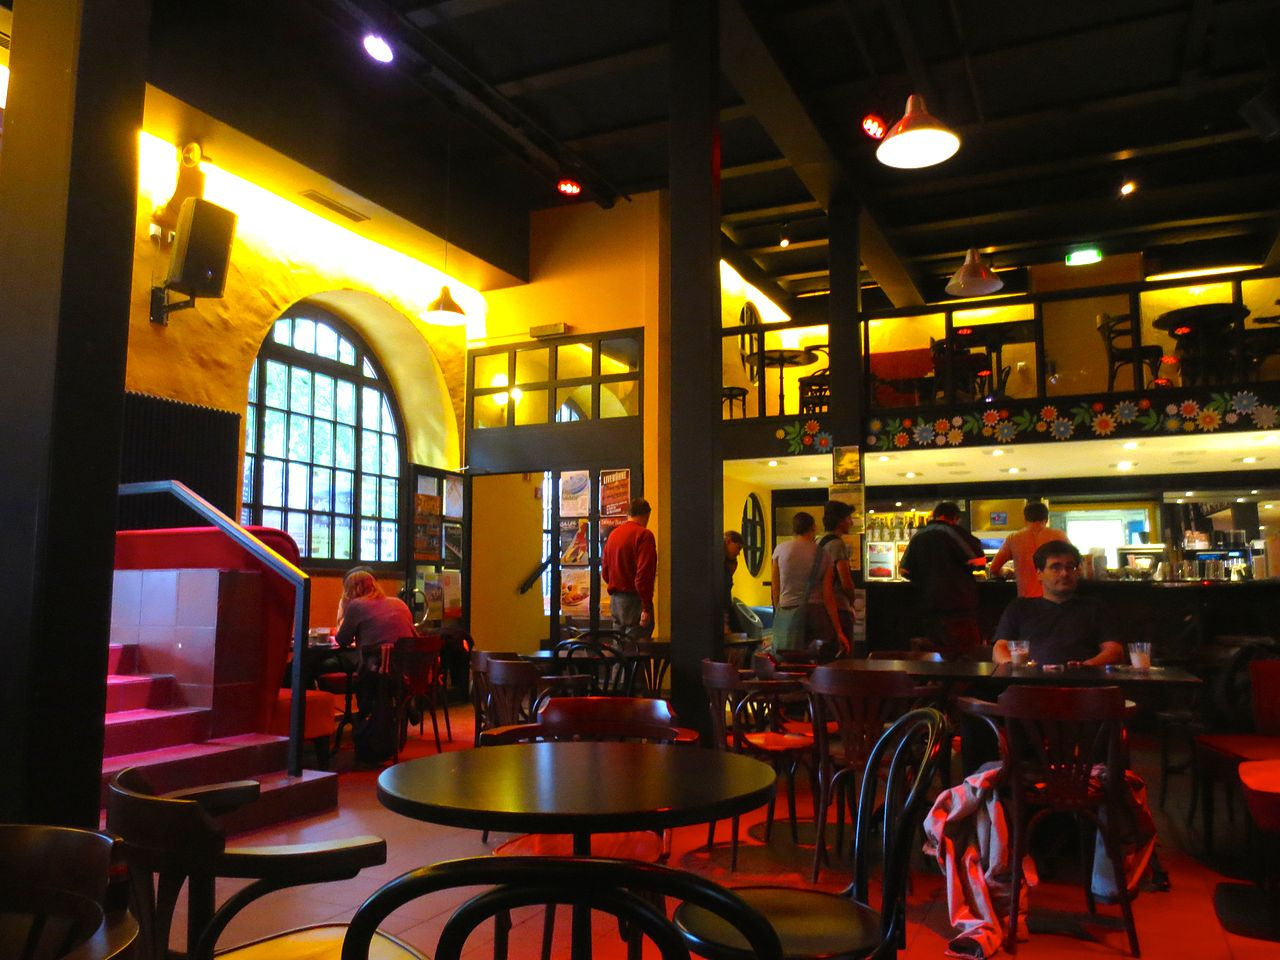 file:das marstall cafe im östlichen seitentrakt des gebäudes mit, Innenarchitektur ideen